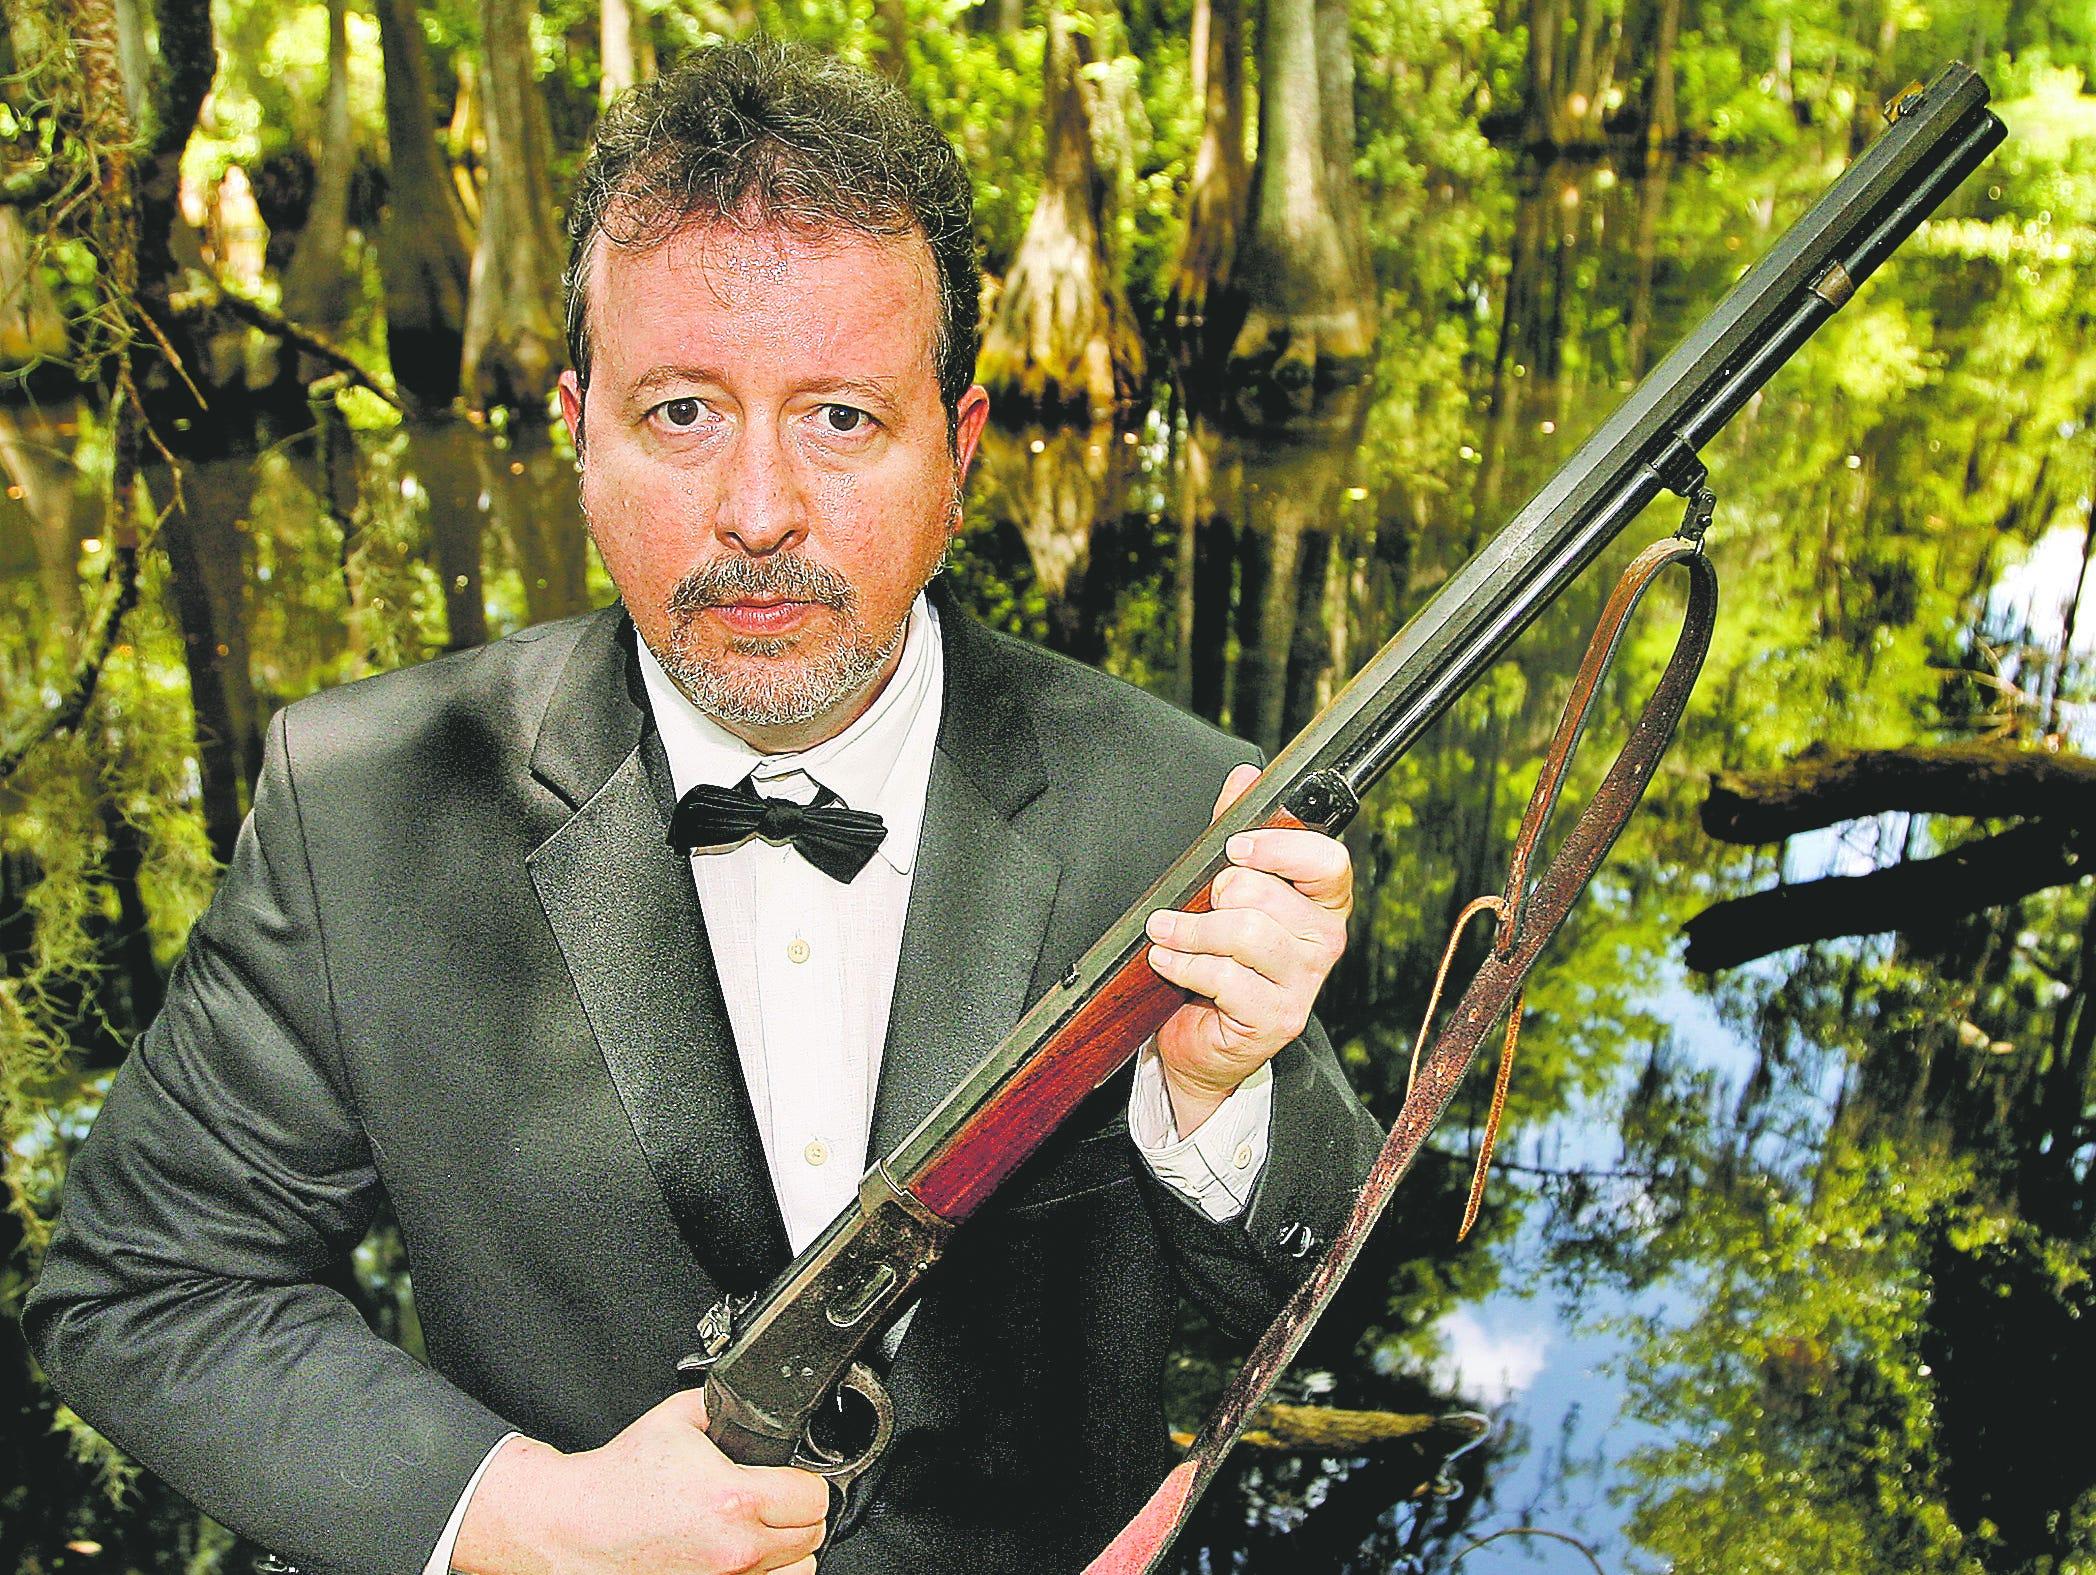 Mark Hinson isn't afraid of a gun or a swamp.